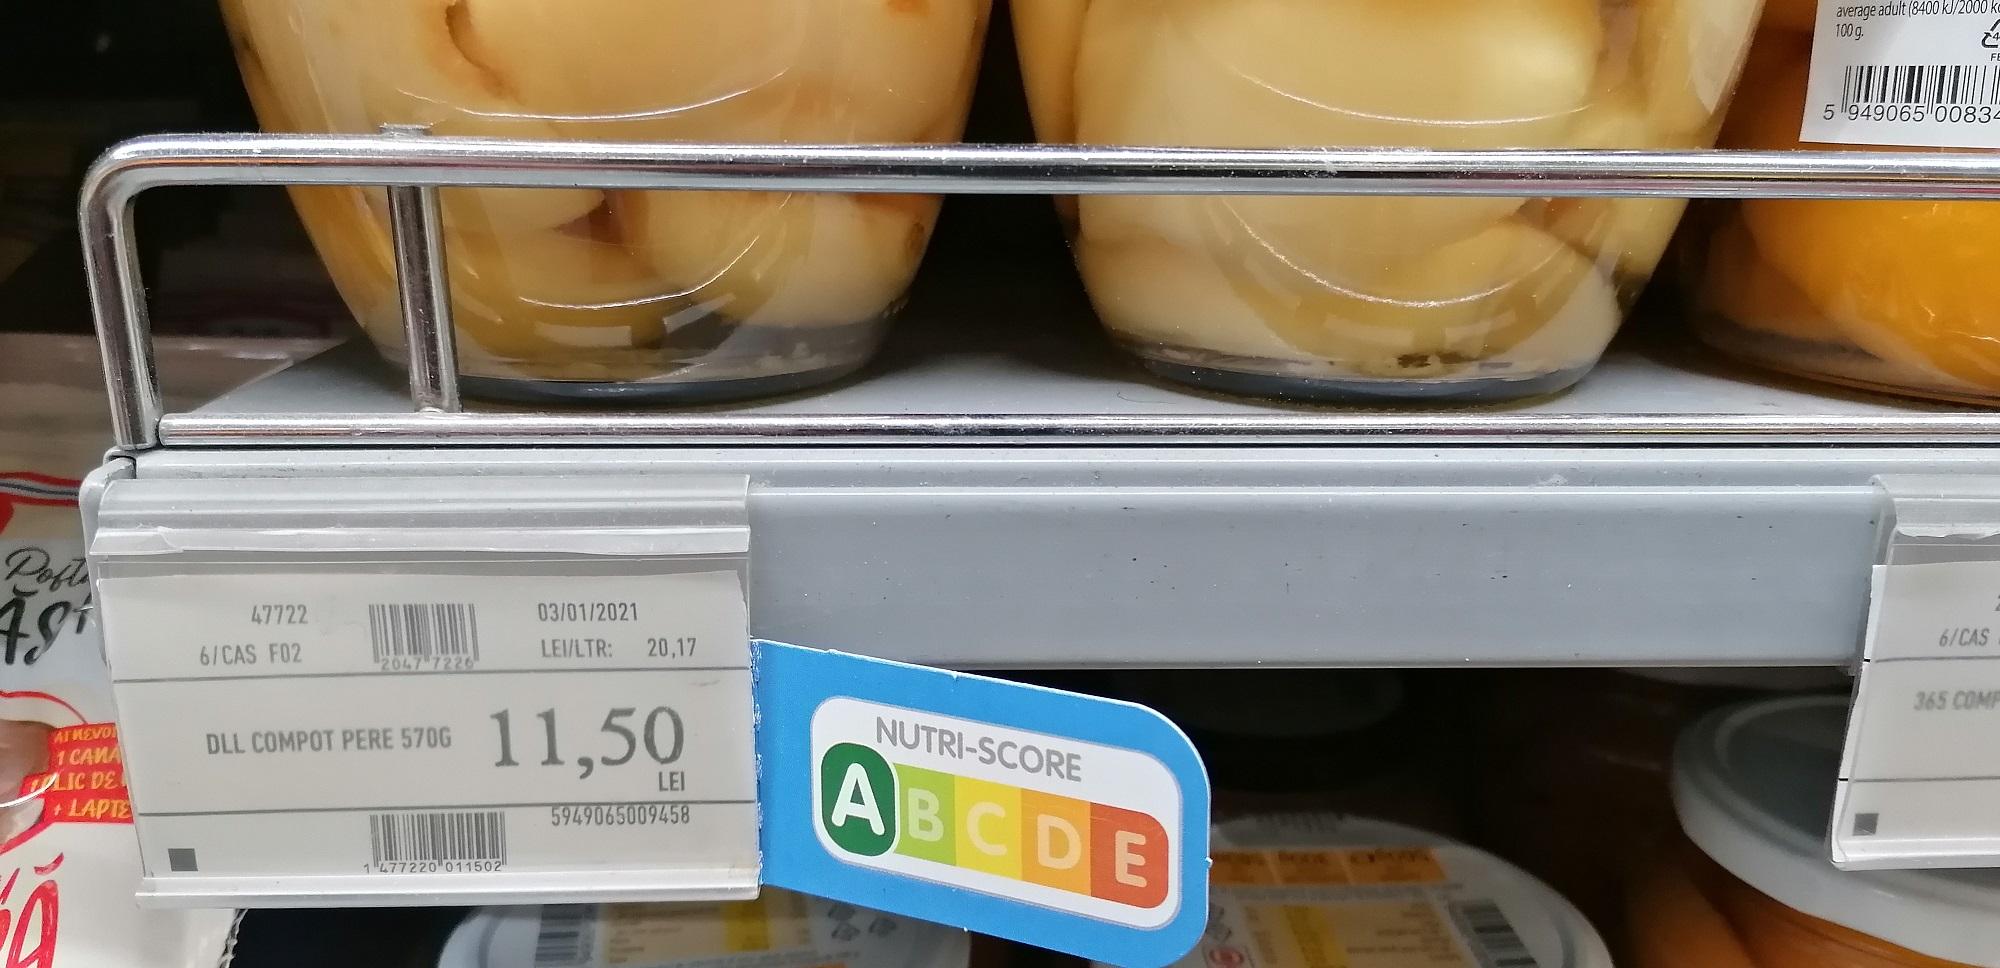 Premieră în România: un hypermarket aplică sistemul de etichetare francez NUTRI-SCORE; Italia contestă acest sistem și promovează un sistem propriu, NUTRINFORM